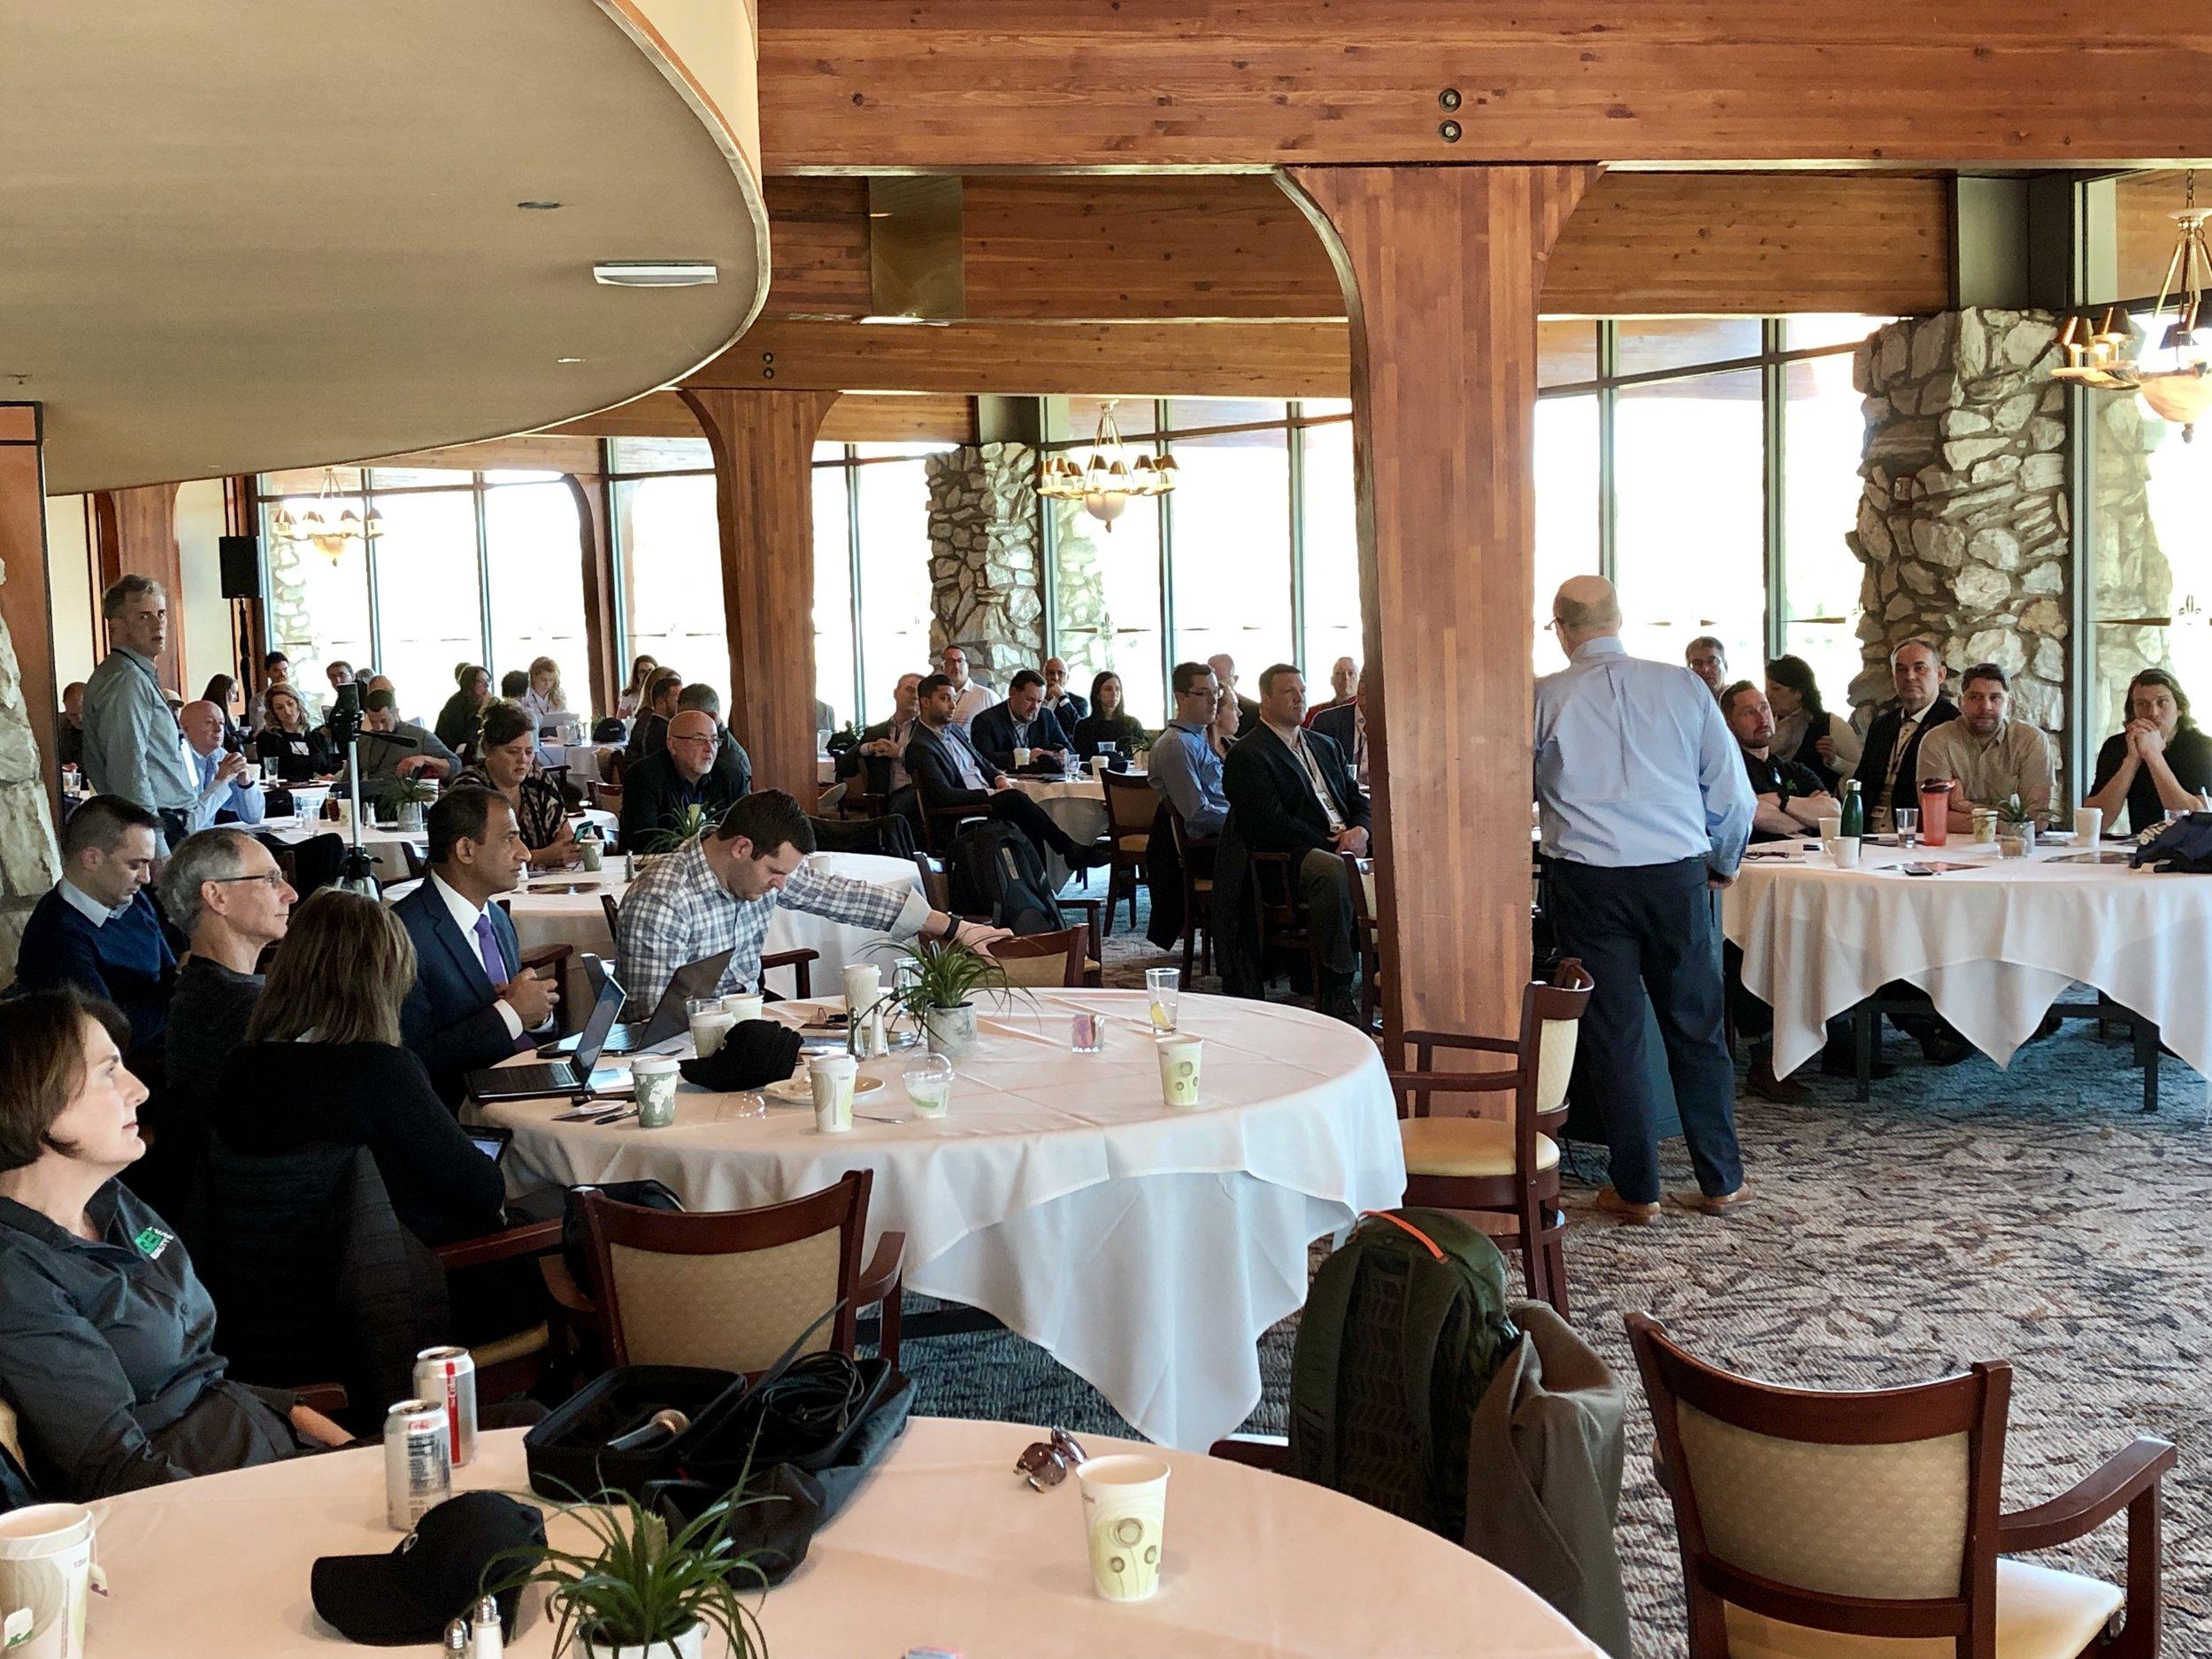 IBS 2019 - Holmes Summit